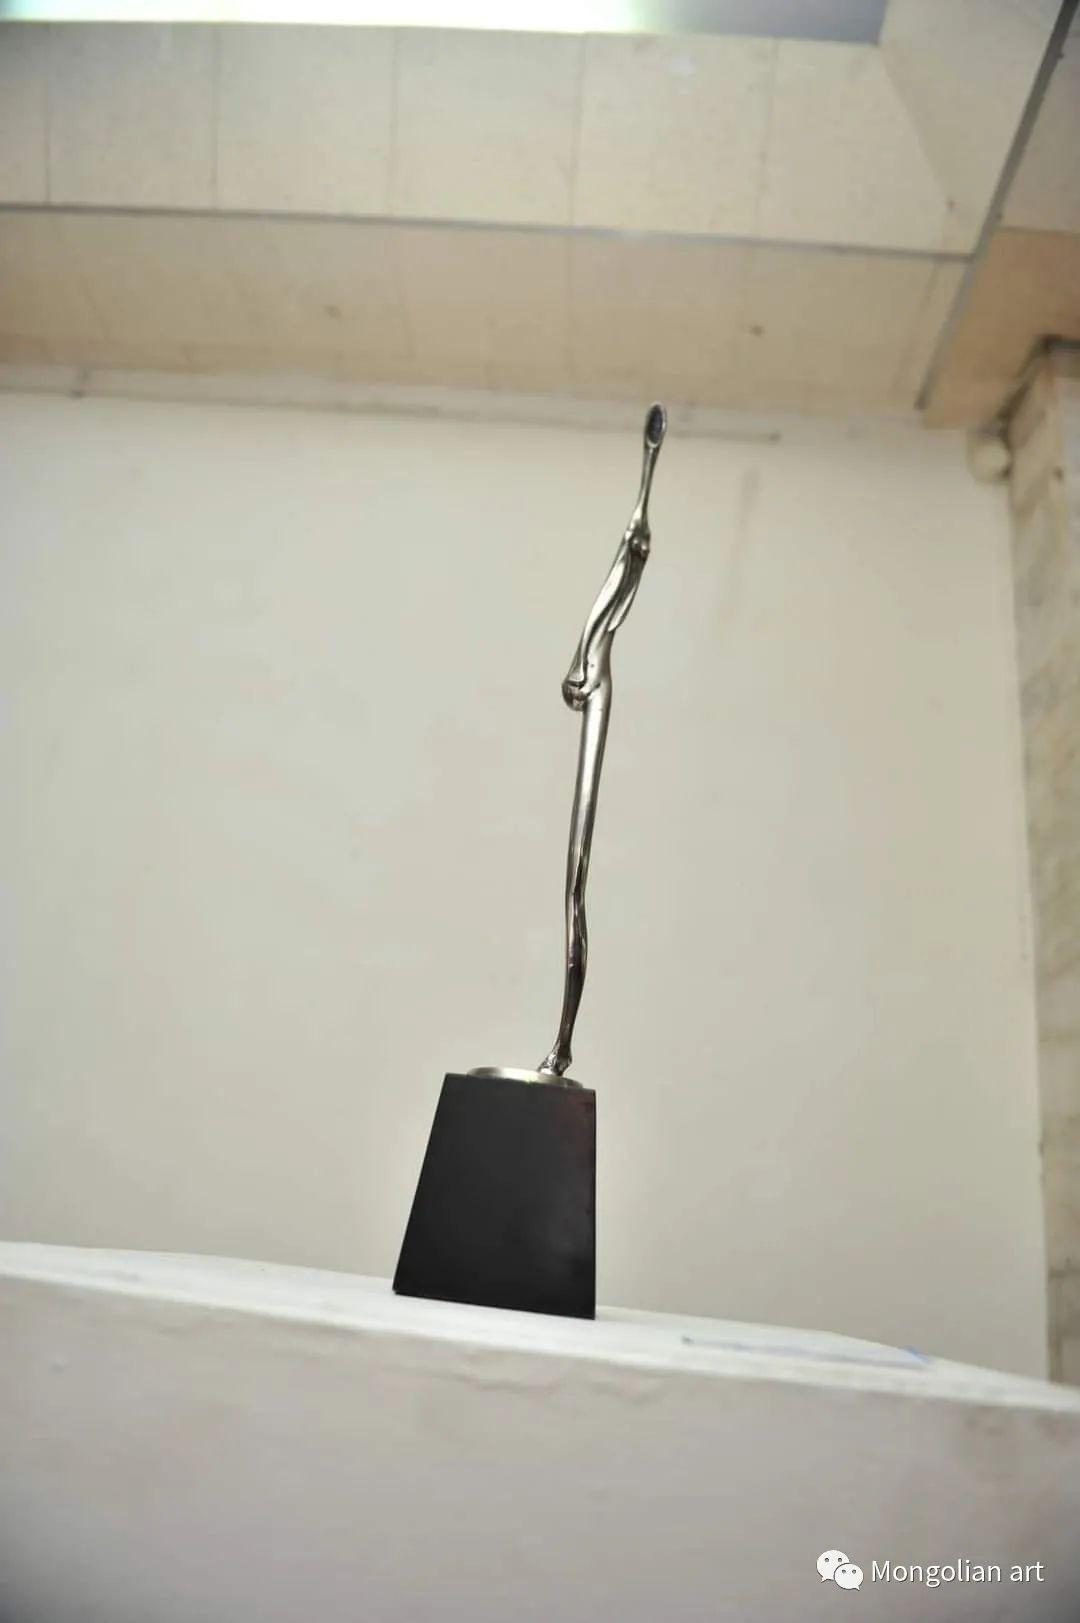 蒙古国美术家协会会员雕塑家 Davaadorj Ankhbayar 第28张 蒙古国美术家协会会员雕塑家 Davaadorj Ankhbayar 蒙古画廊